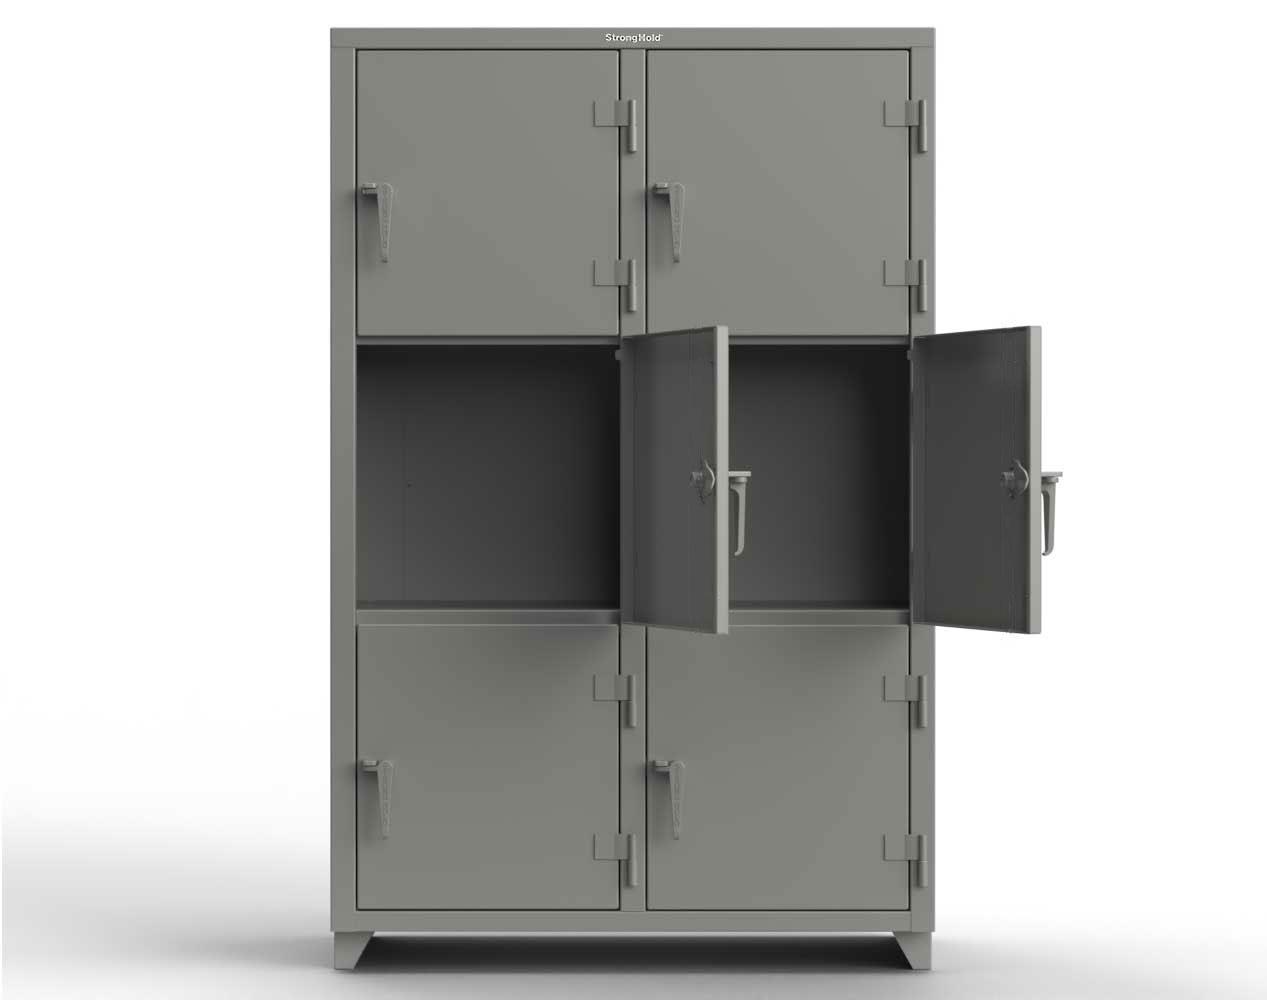 Extra Heavy Duty 14 GA Triple-Tier Locker, 6 Compartments – 48 in. W x 24 in. D x 75 in. H